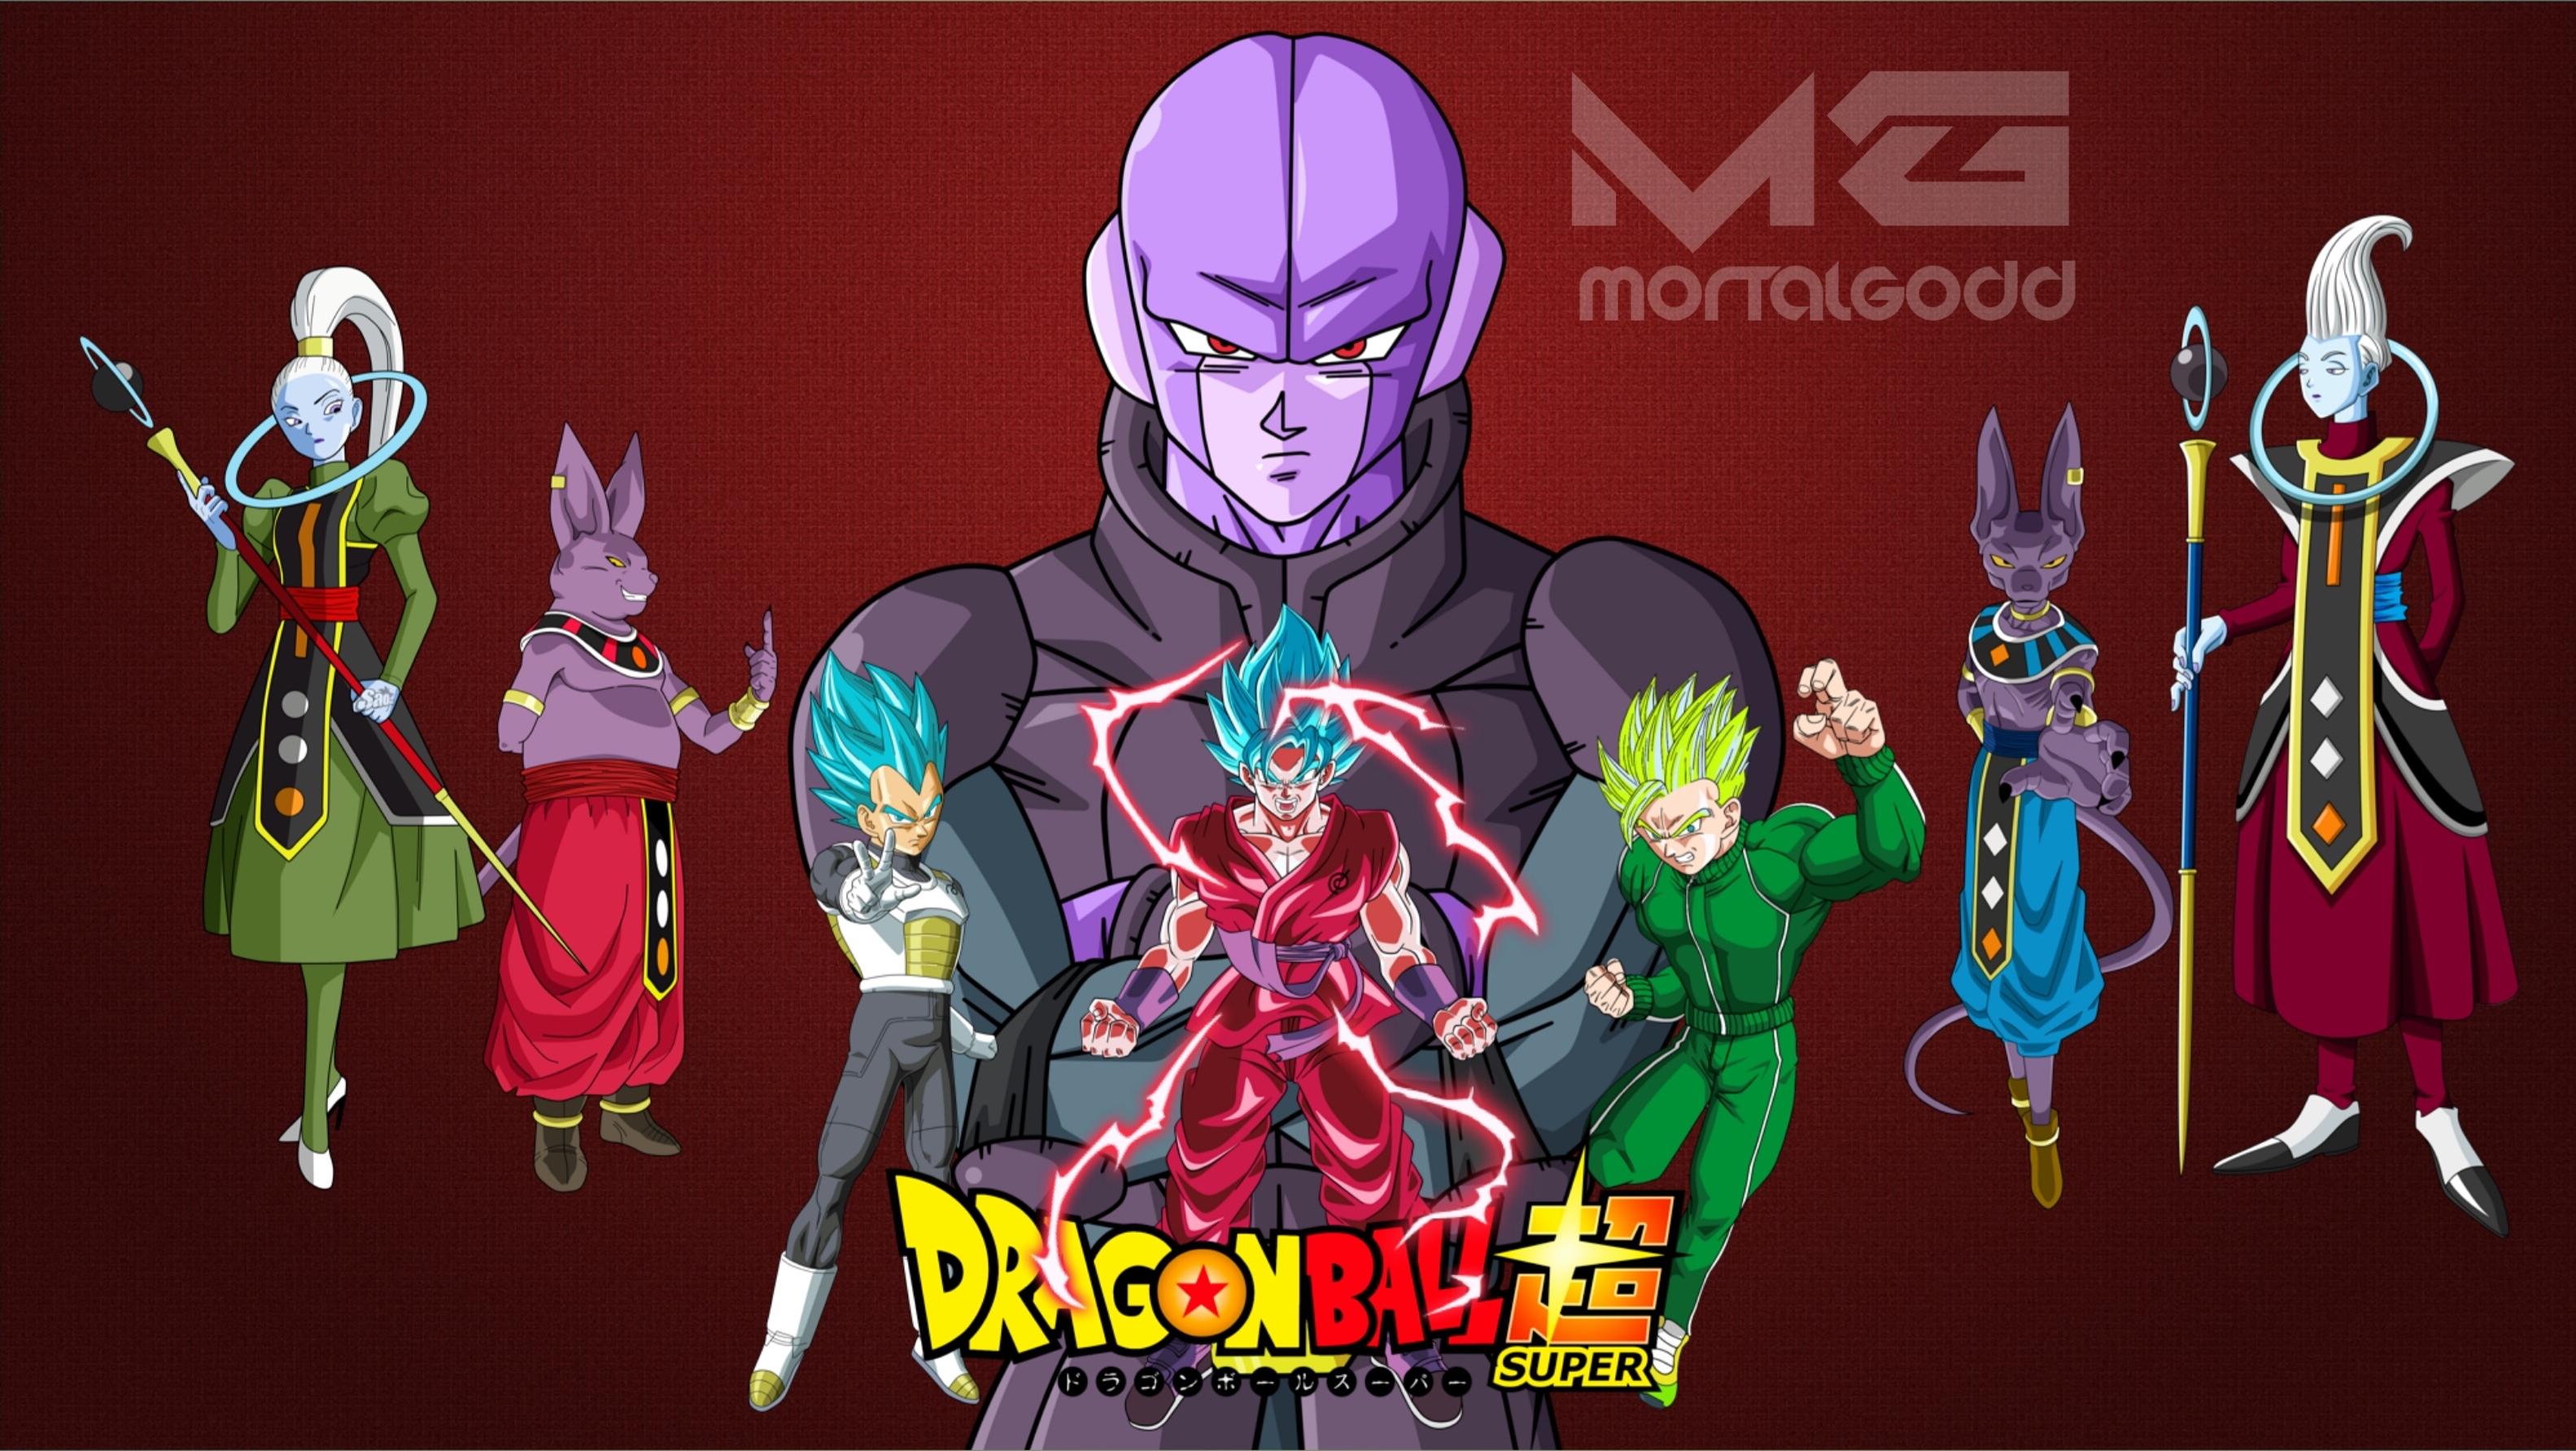 Dragon Ball Super Hit Saga Arc Wallpaper By Mortalgodd On Deviantart